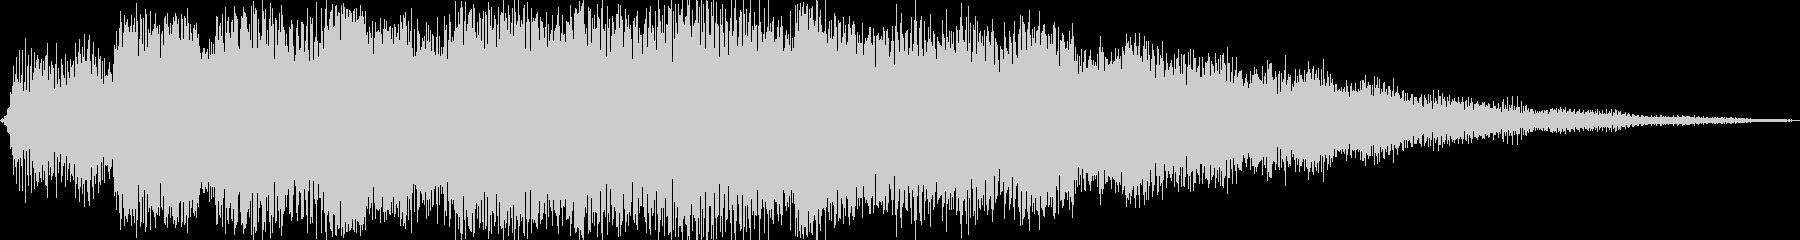 ピアノエレガントの未再生の波形